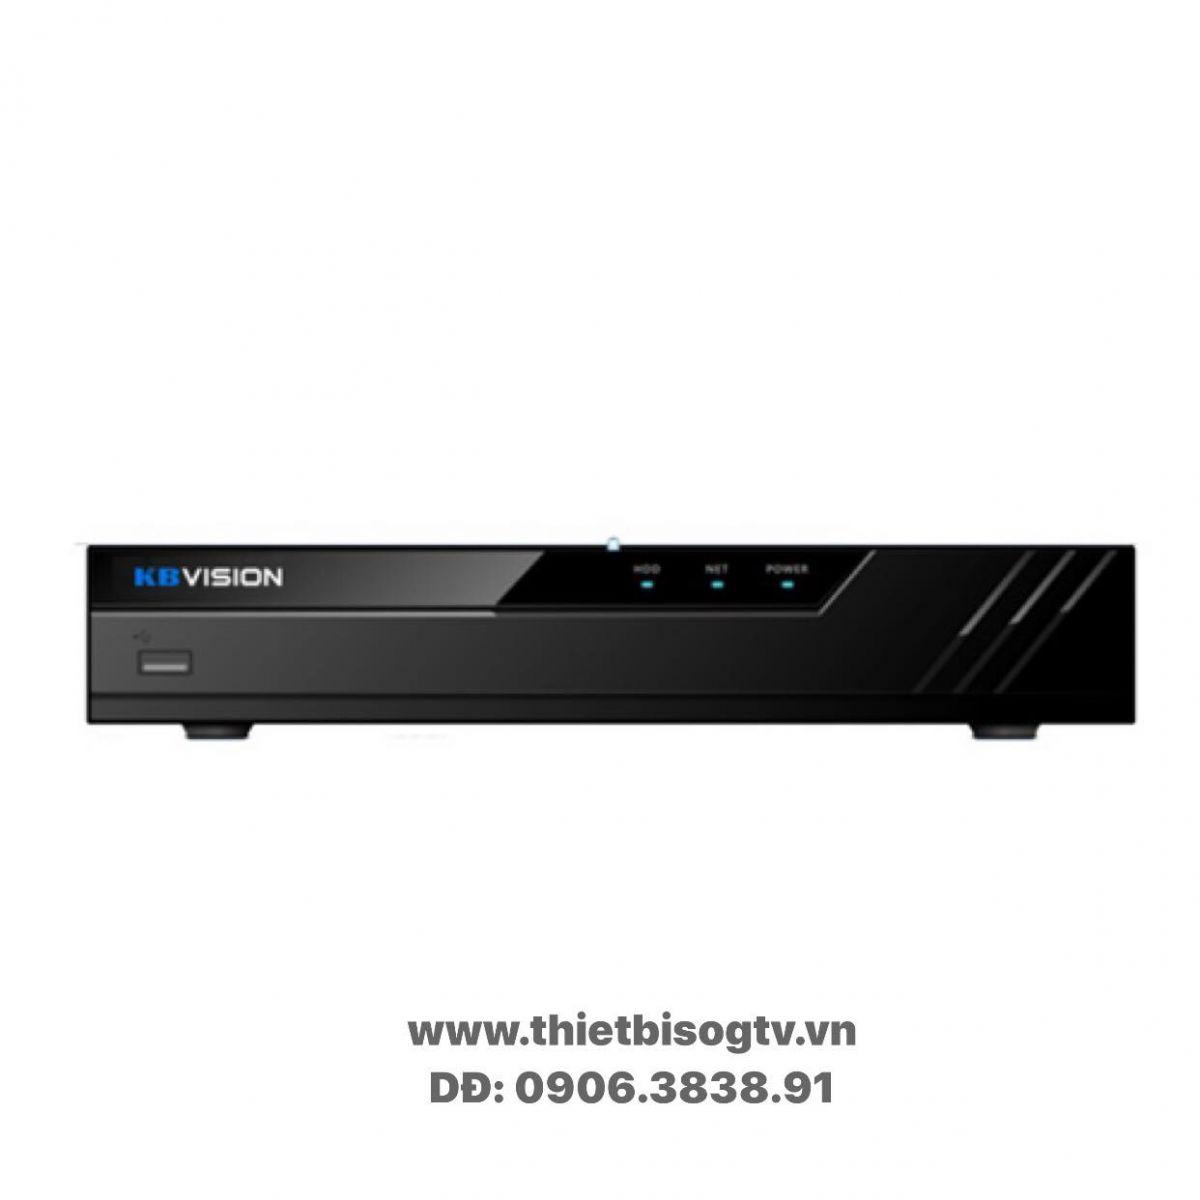 ĐẦU GHI HÌNH 5 IN 1 KBVISION KX-7104SD6